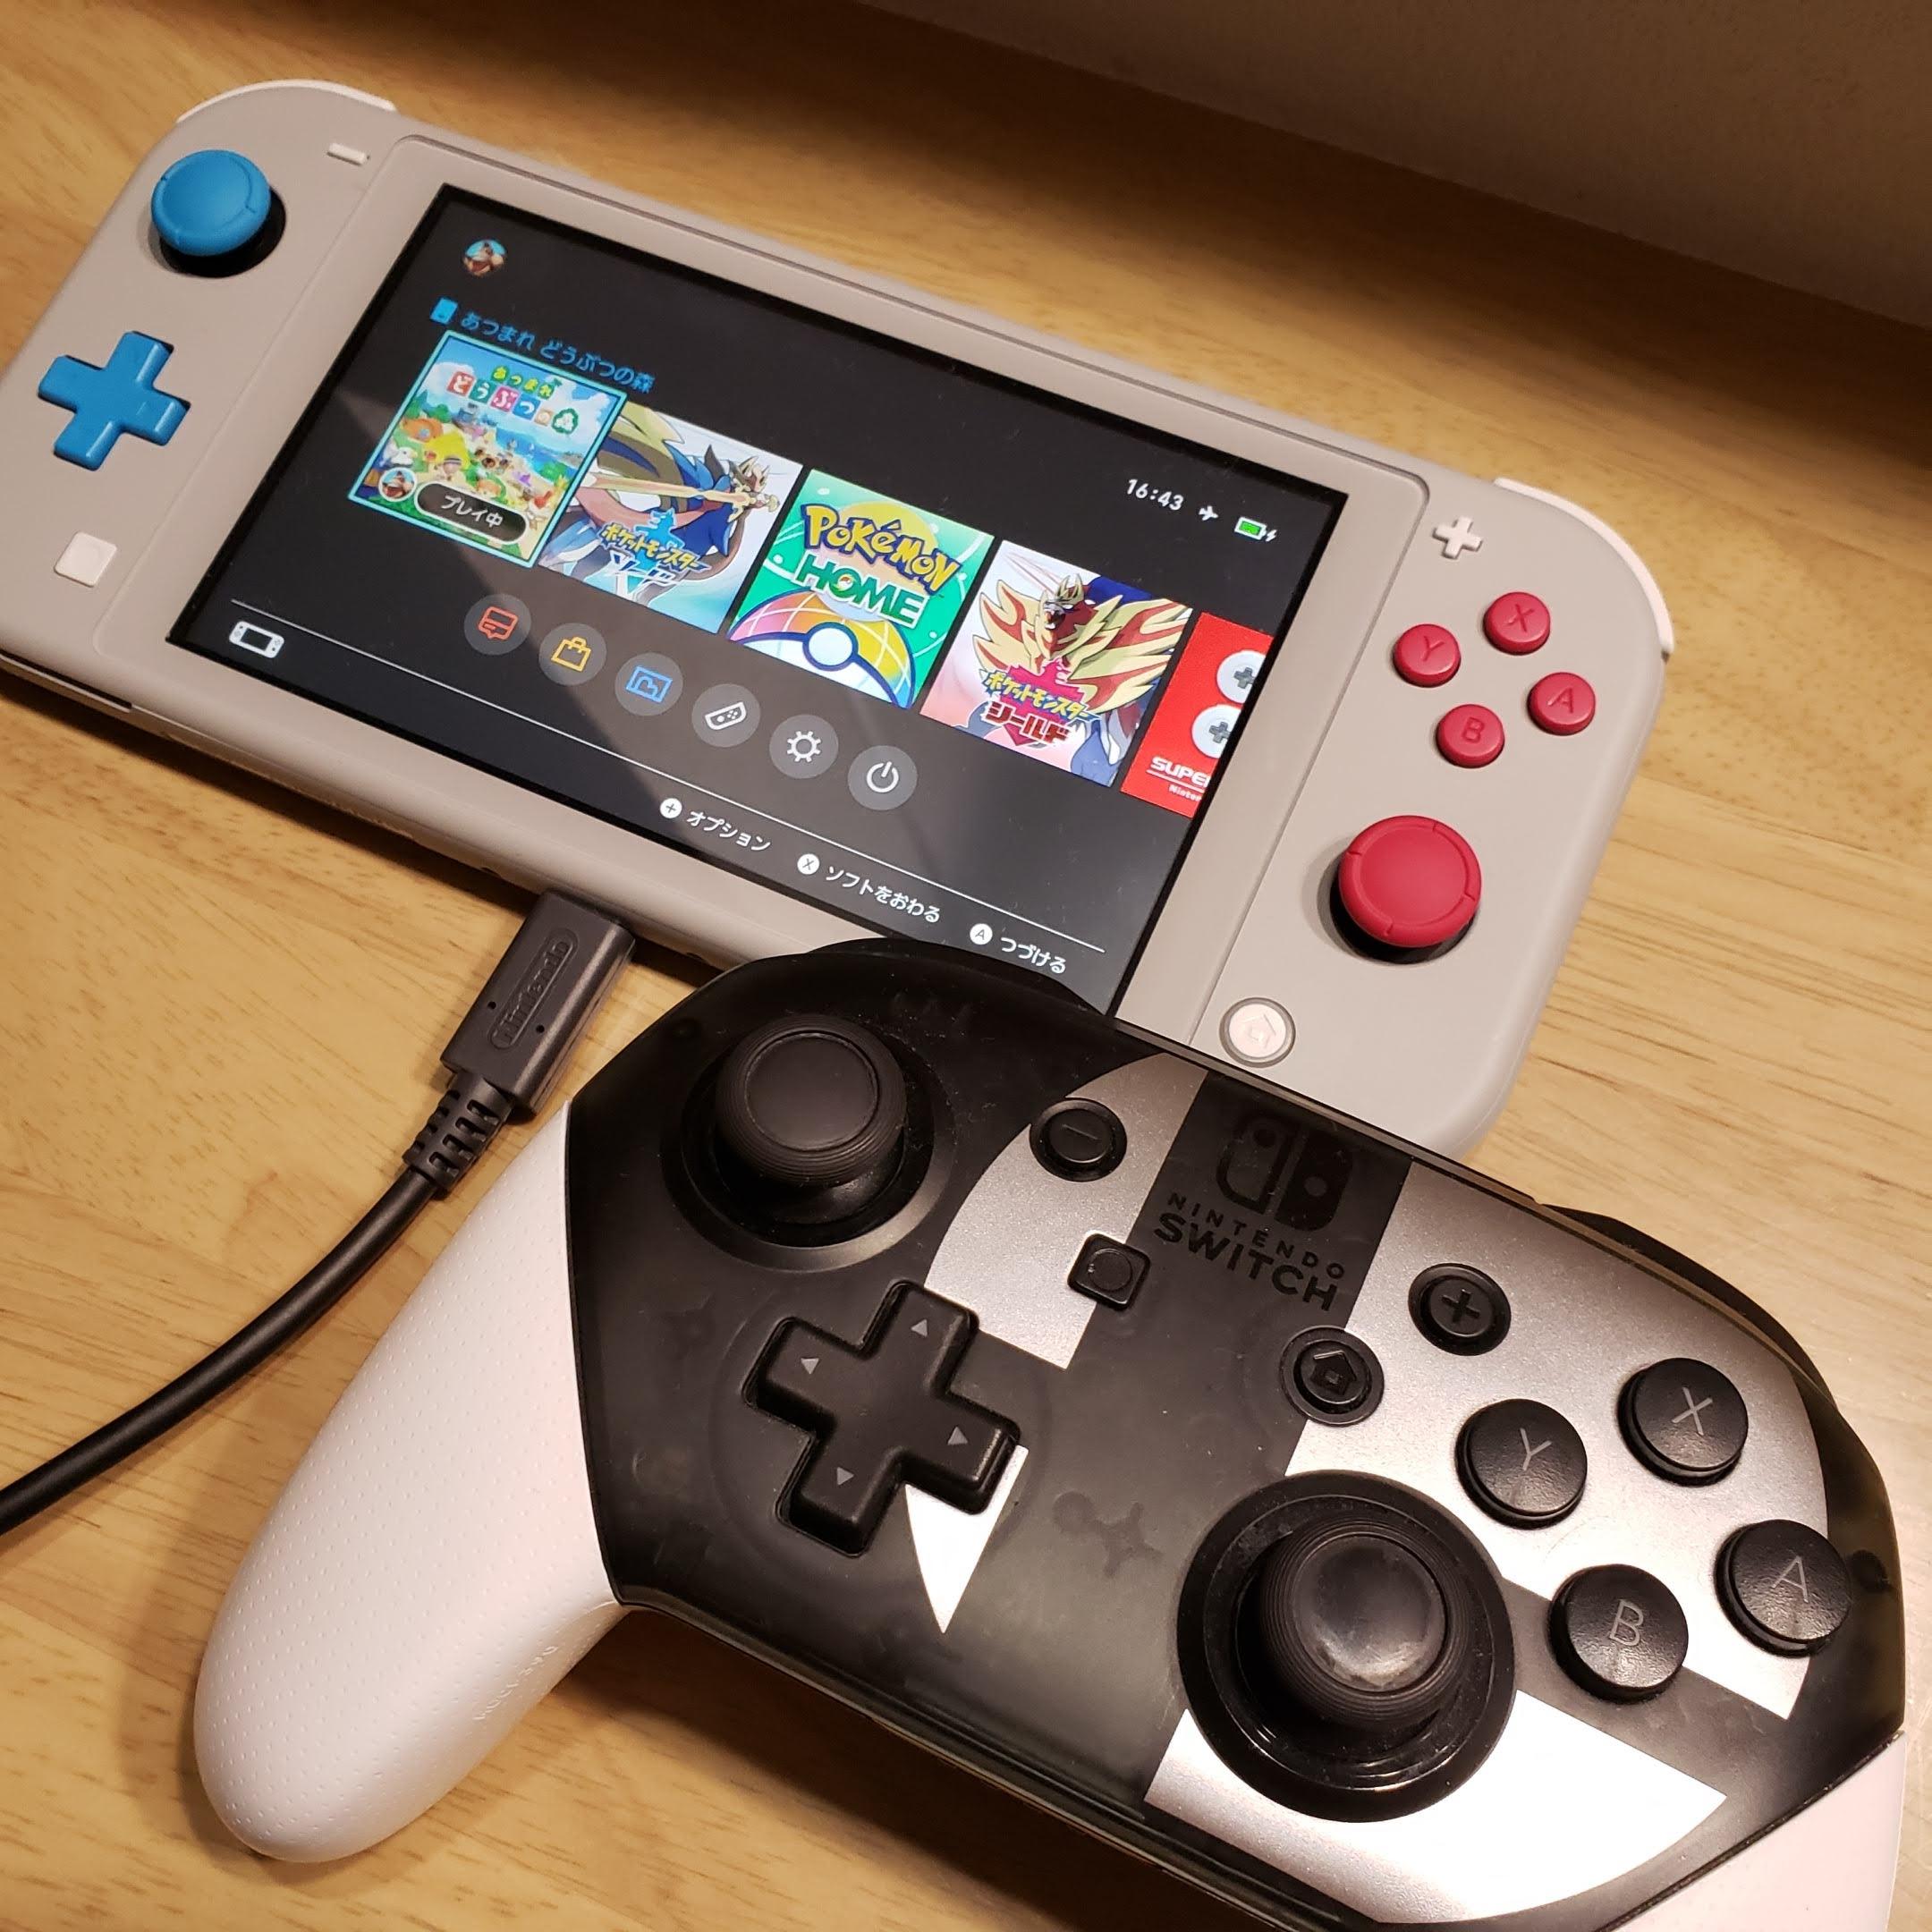 NintendoSwitchLiteは1台目にオススメじゃない理由